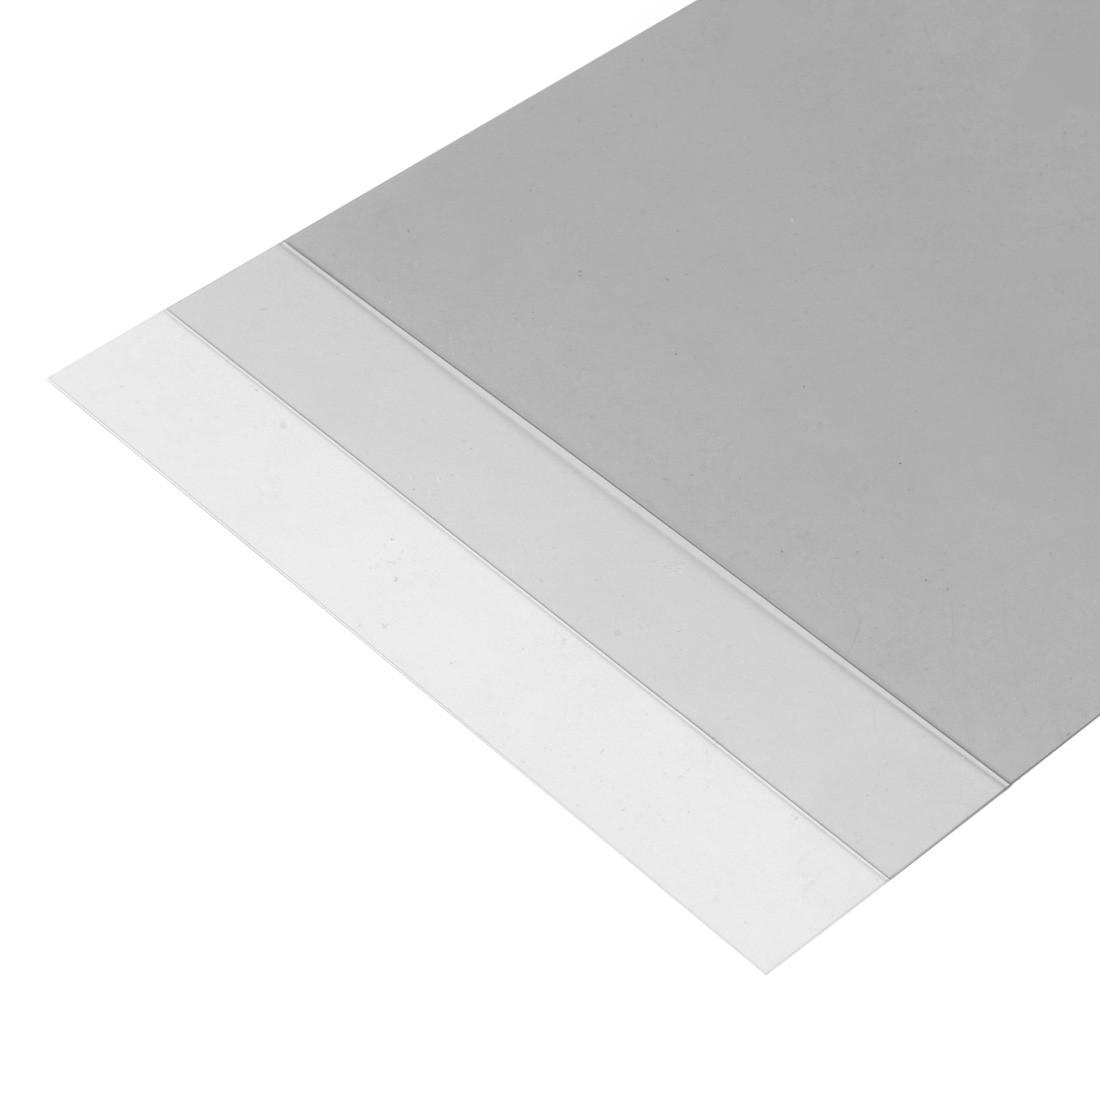 Lámina de PVC transparente mm.194x320 - mm.0,25